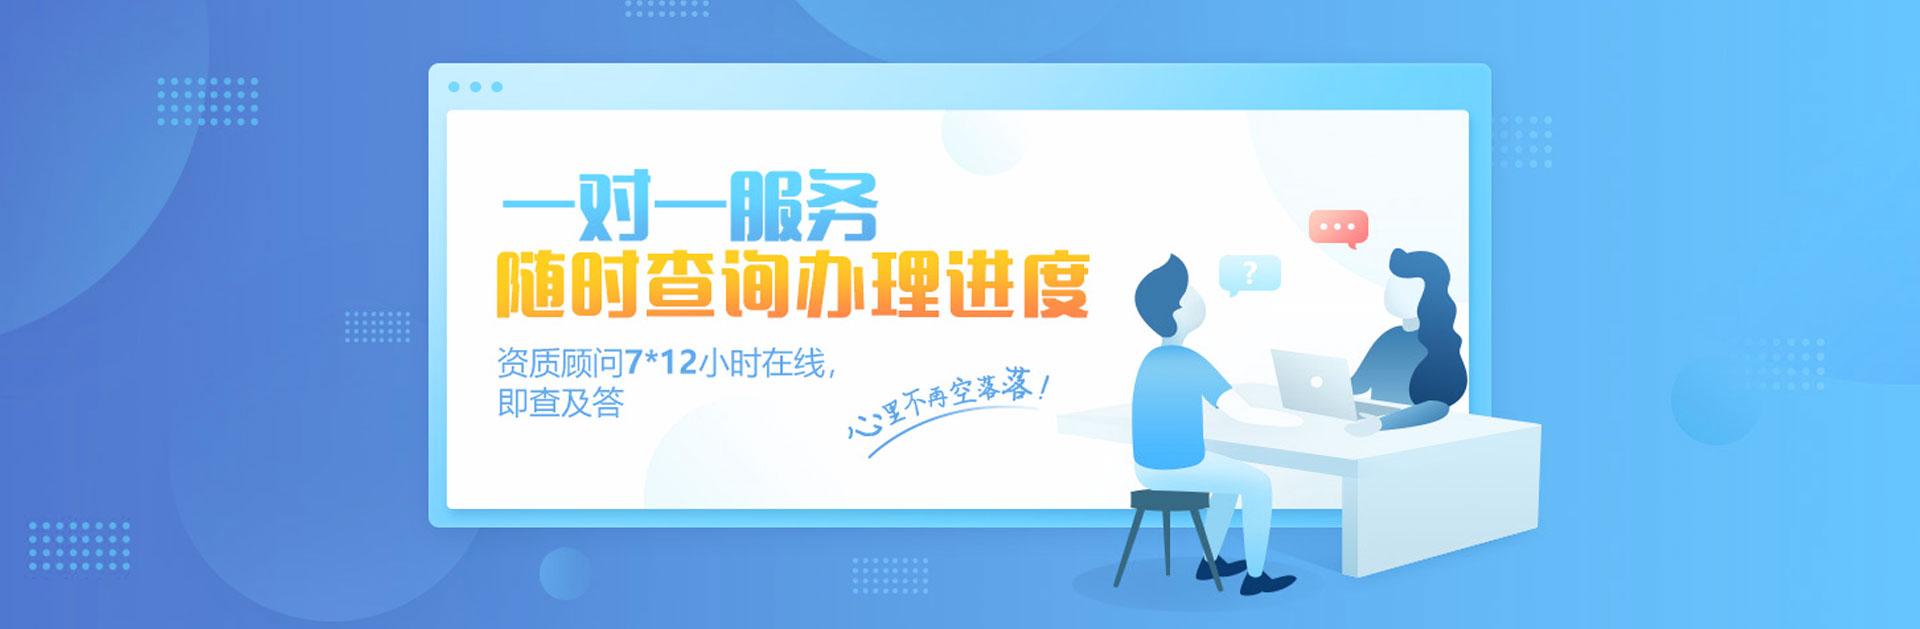 深圳资质代办公司_食品经营许可证办理_进出口权办理_餐饮许可_食品流通-开心投资